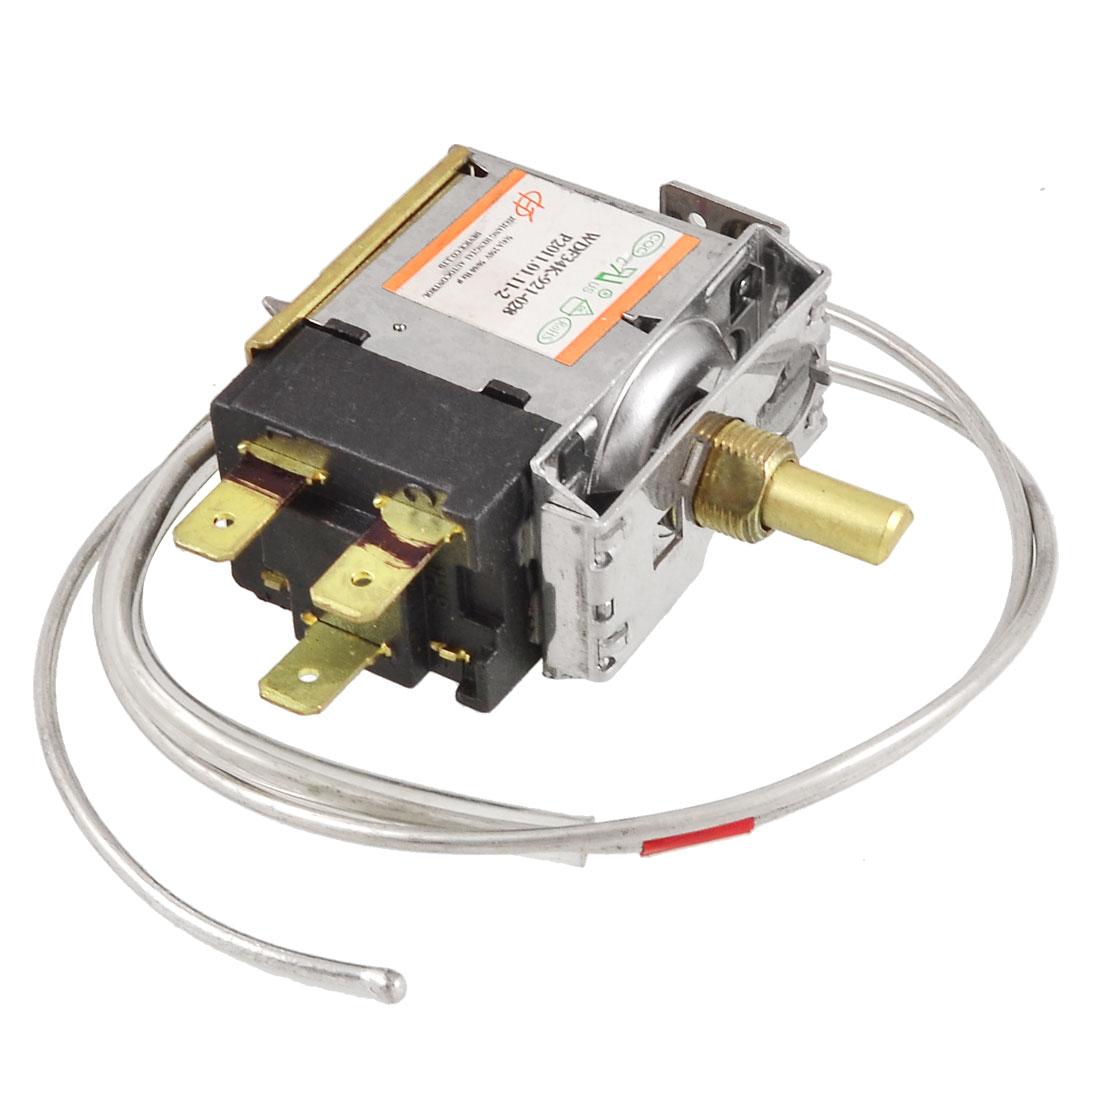 AC 250V 5A 3 Pole Terminals Refrigerator Temperature Controller 5 -15 Celsius WDF20-L